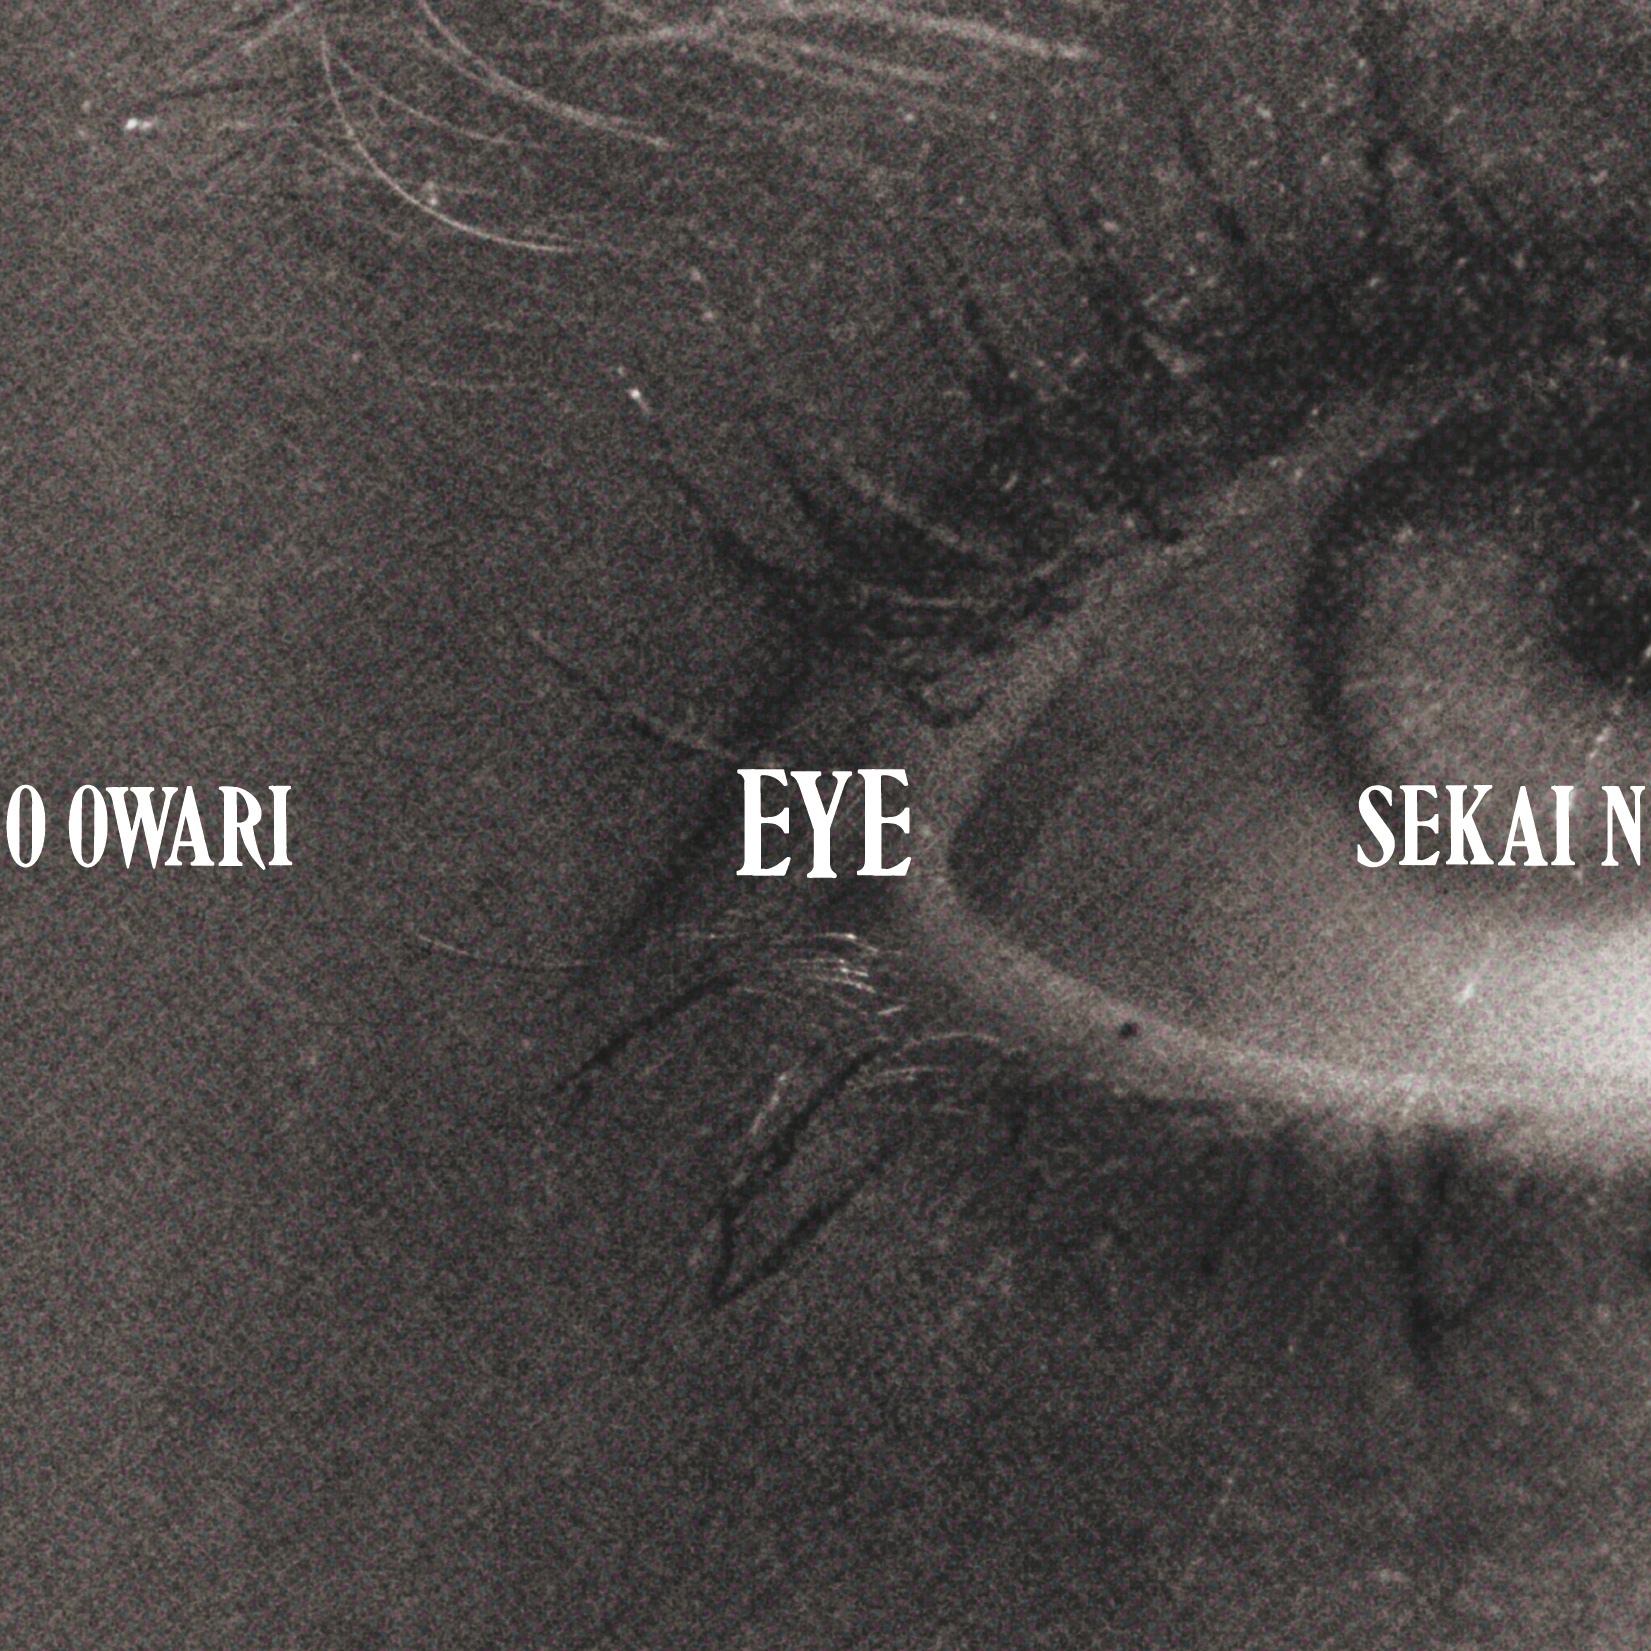 『Eye』